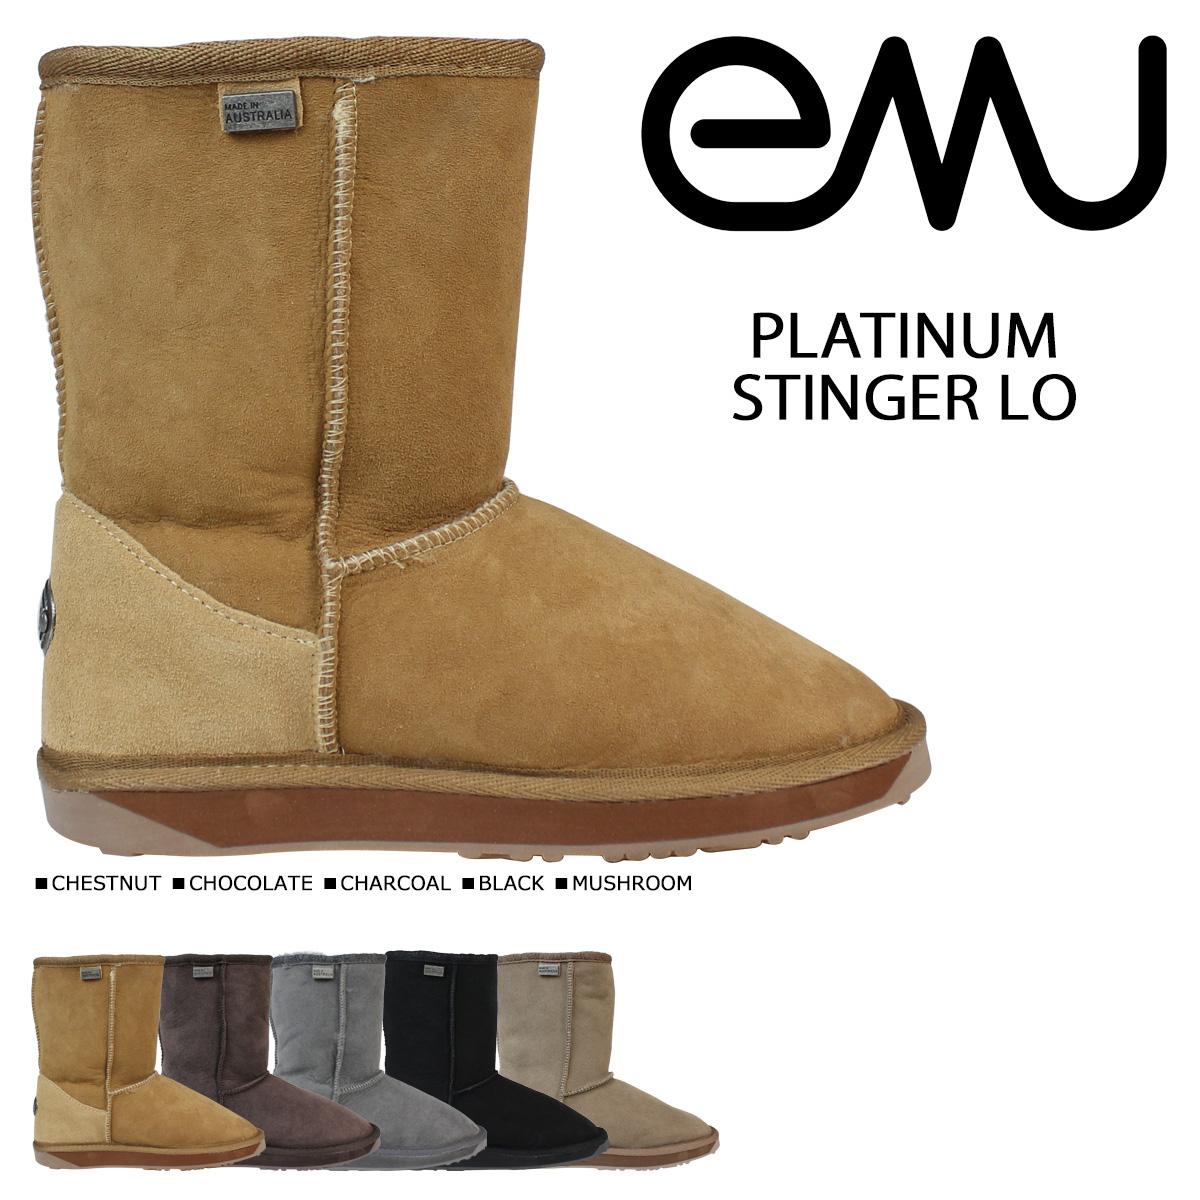 エミュー emu プラチナム スティンガー ロー ムートンブーツ PLATINUM STINGER LO WP10002 レディース